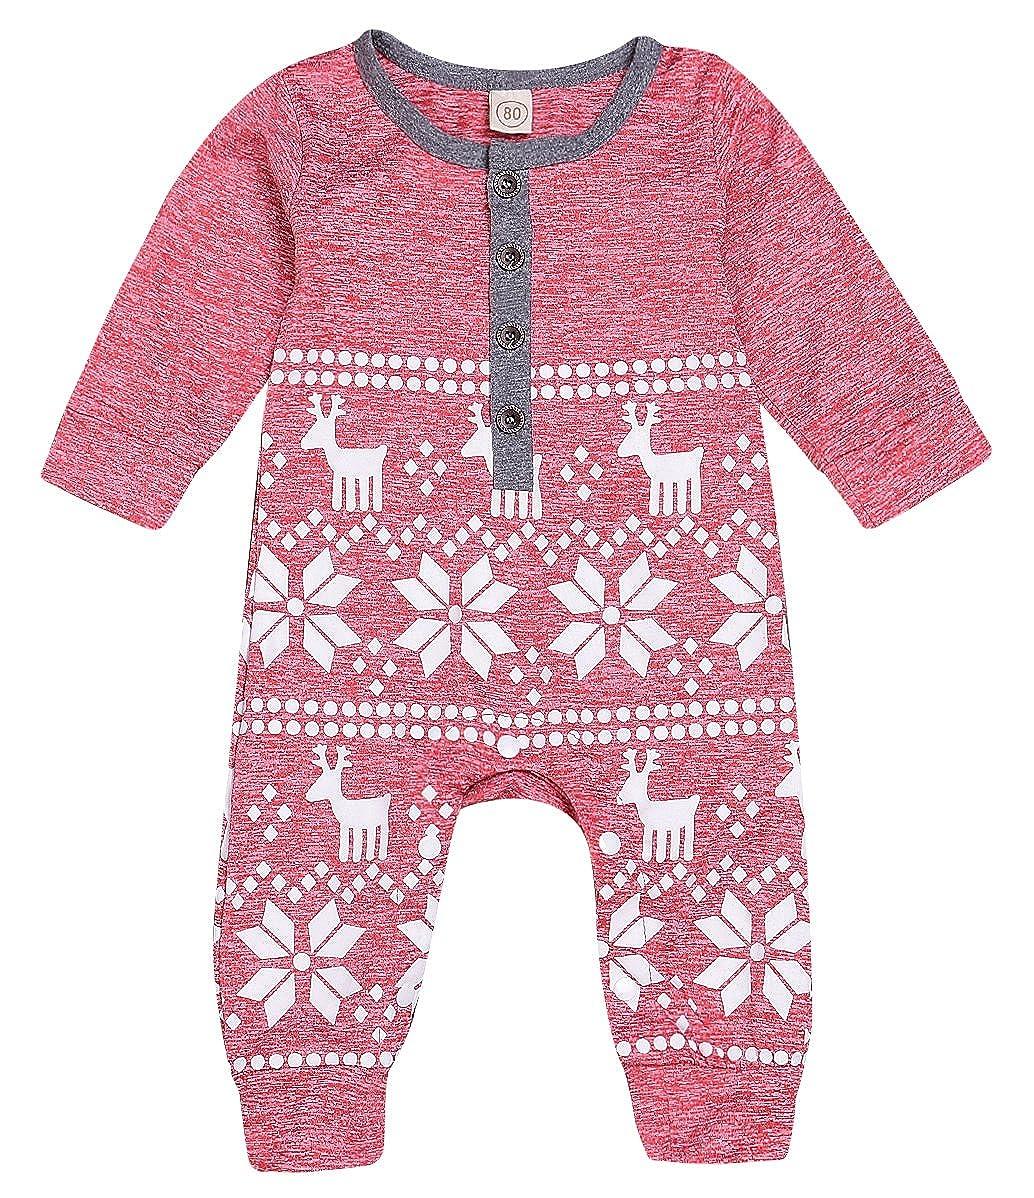 Mini honey Baby Girl Boy Christmas Romper Long Sleeve Bodysuit Snowflake Deer Pajamas Outfit